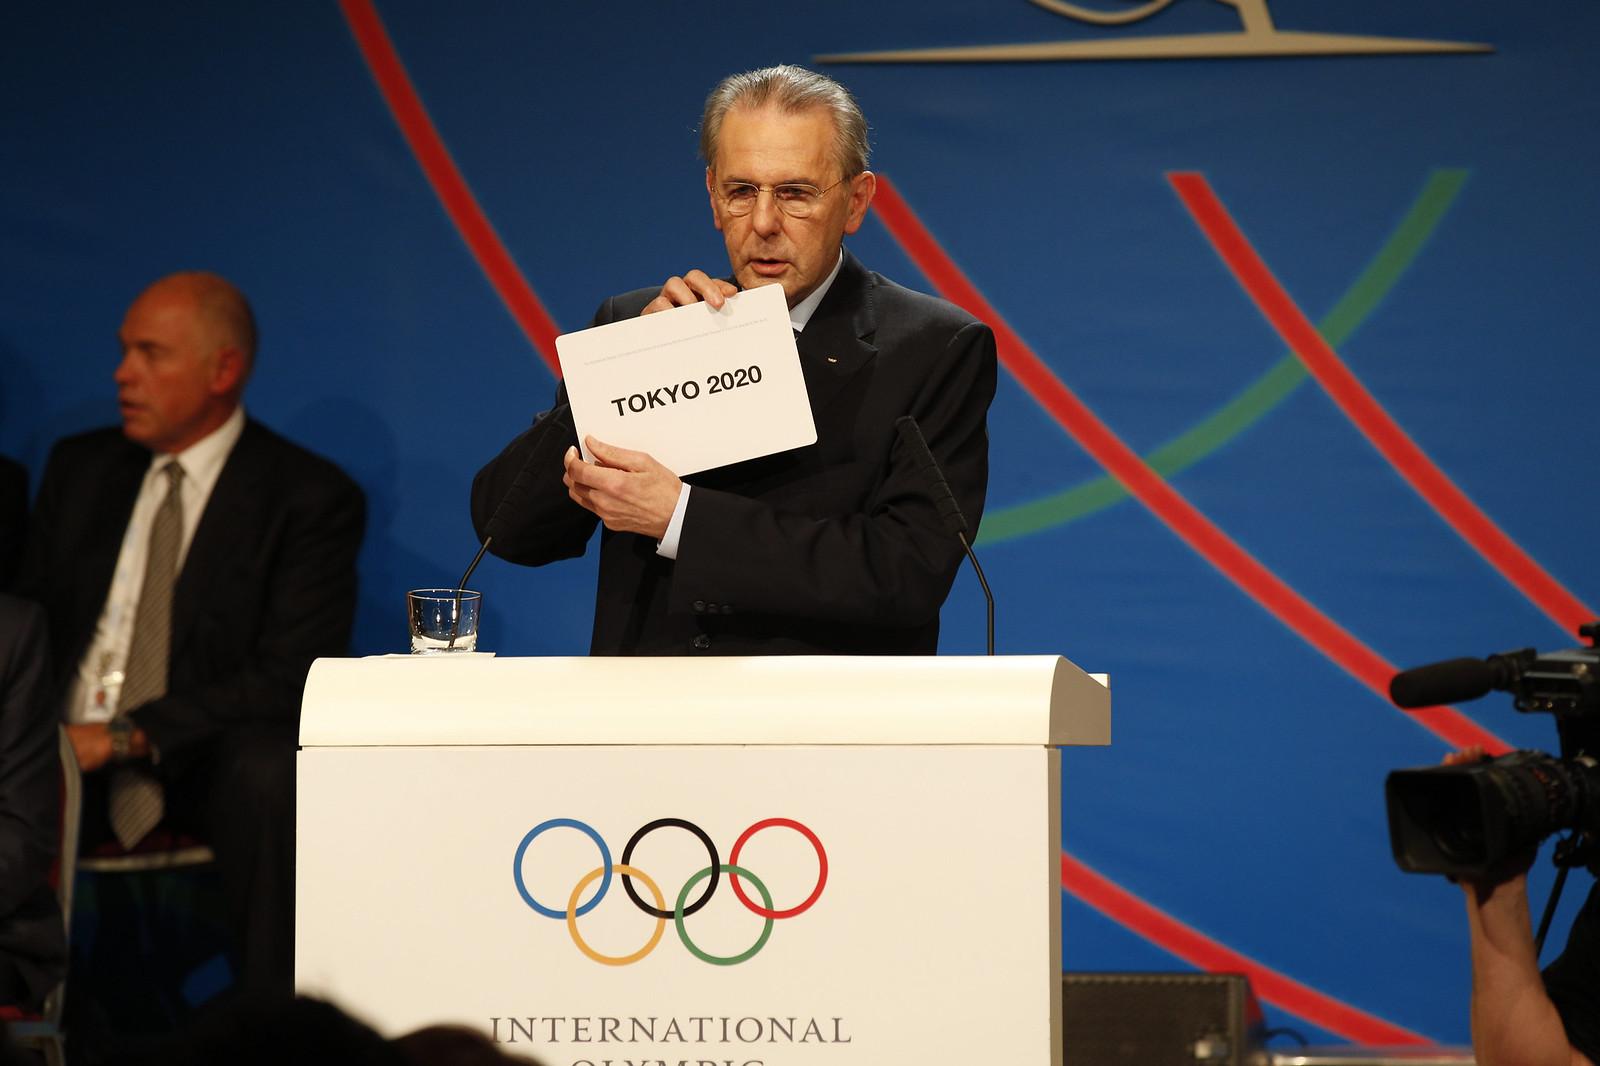 Олимпиада 2020 года пройдёт в Токио